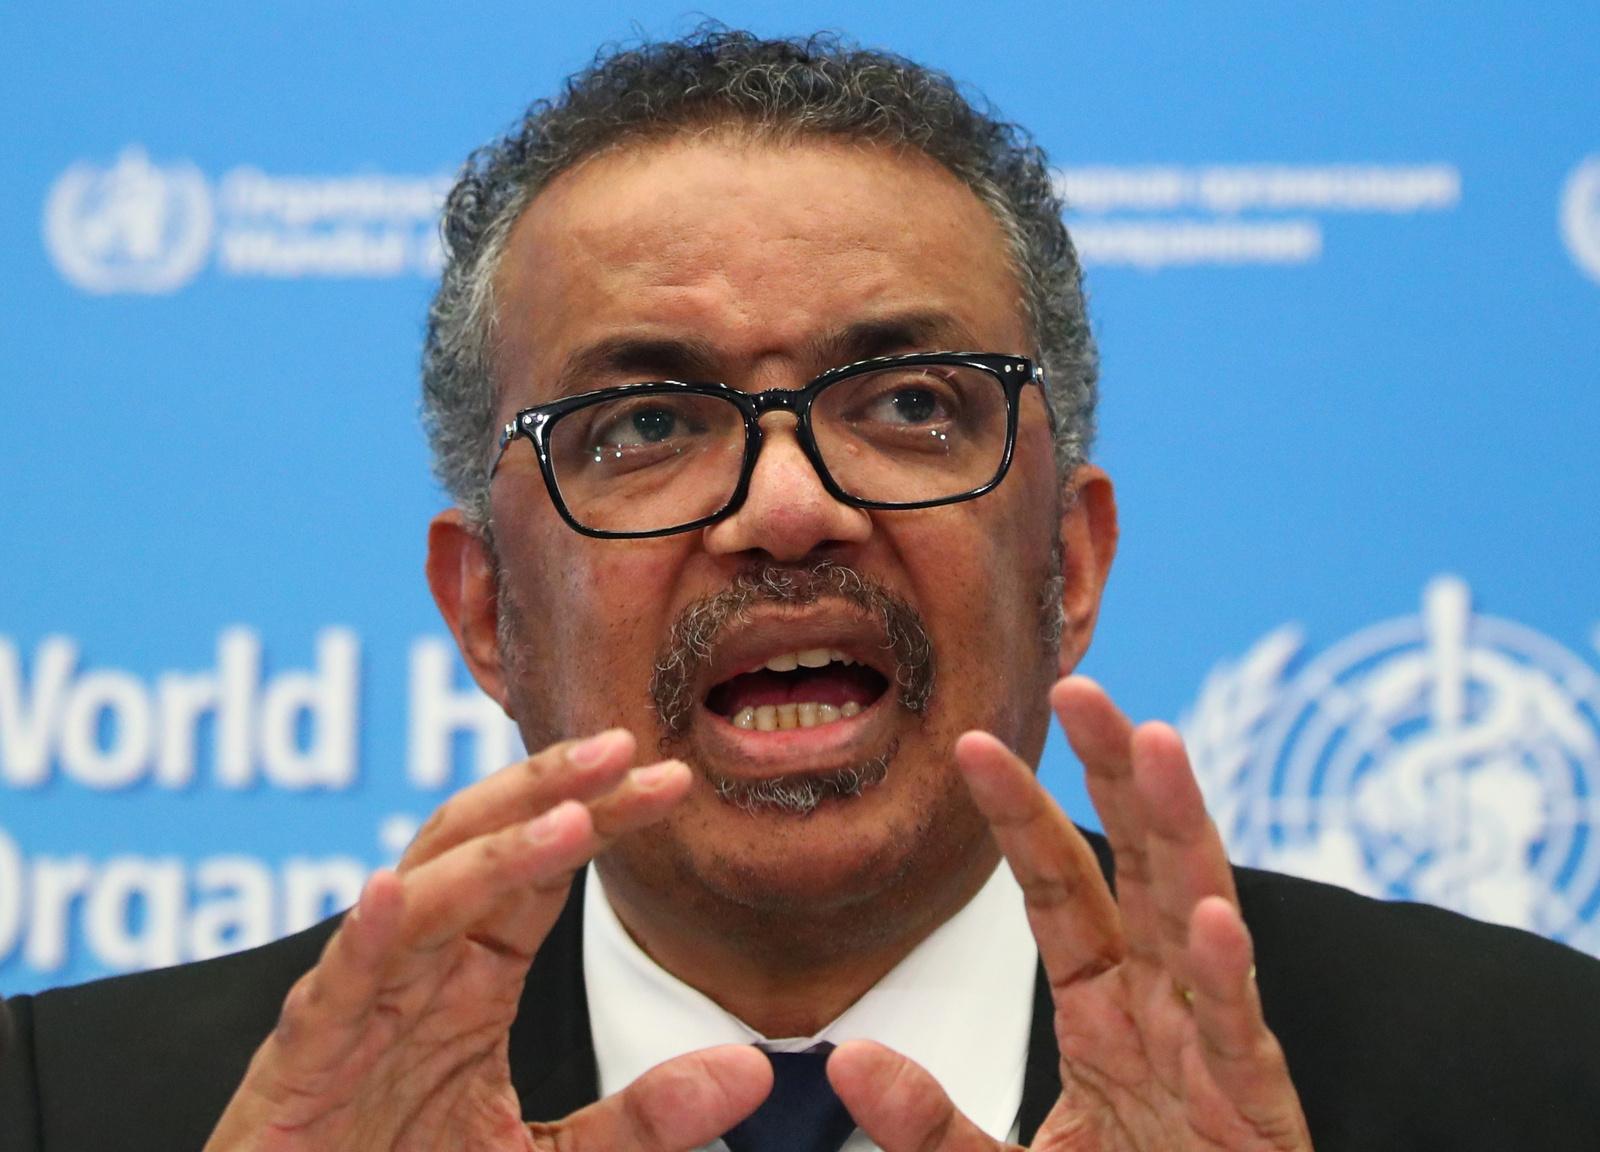 El director general de l'Organització Mundial de la Salut, l'etíop Tedros Adhanom